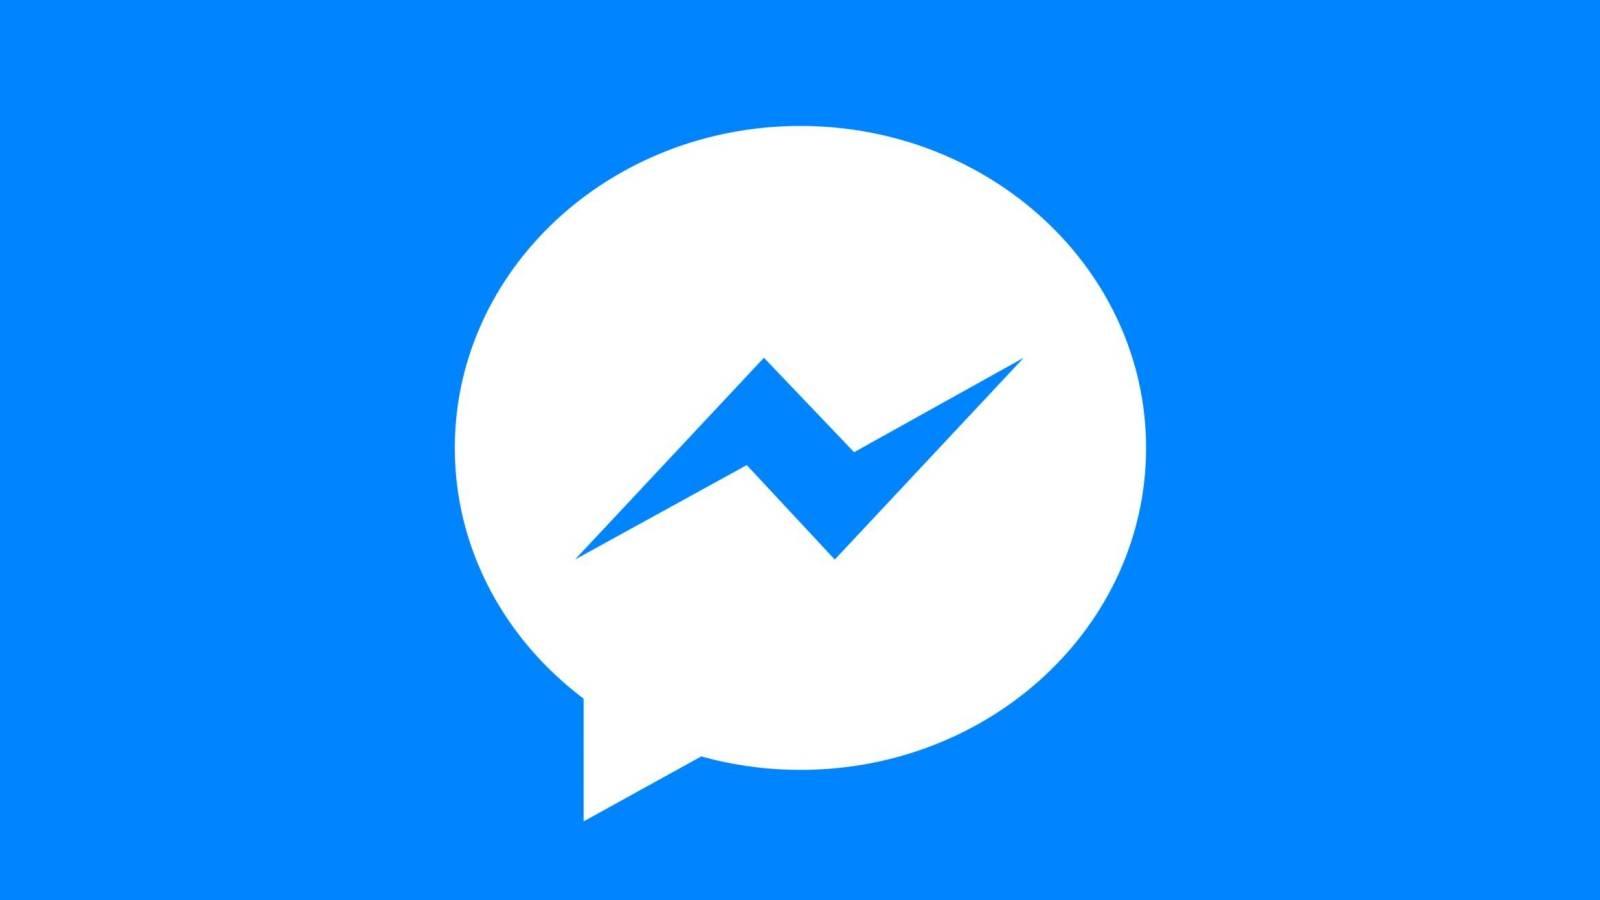 Facebook Messenger applock